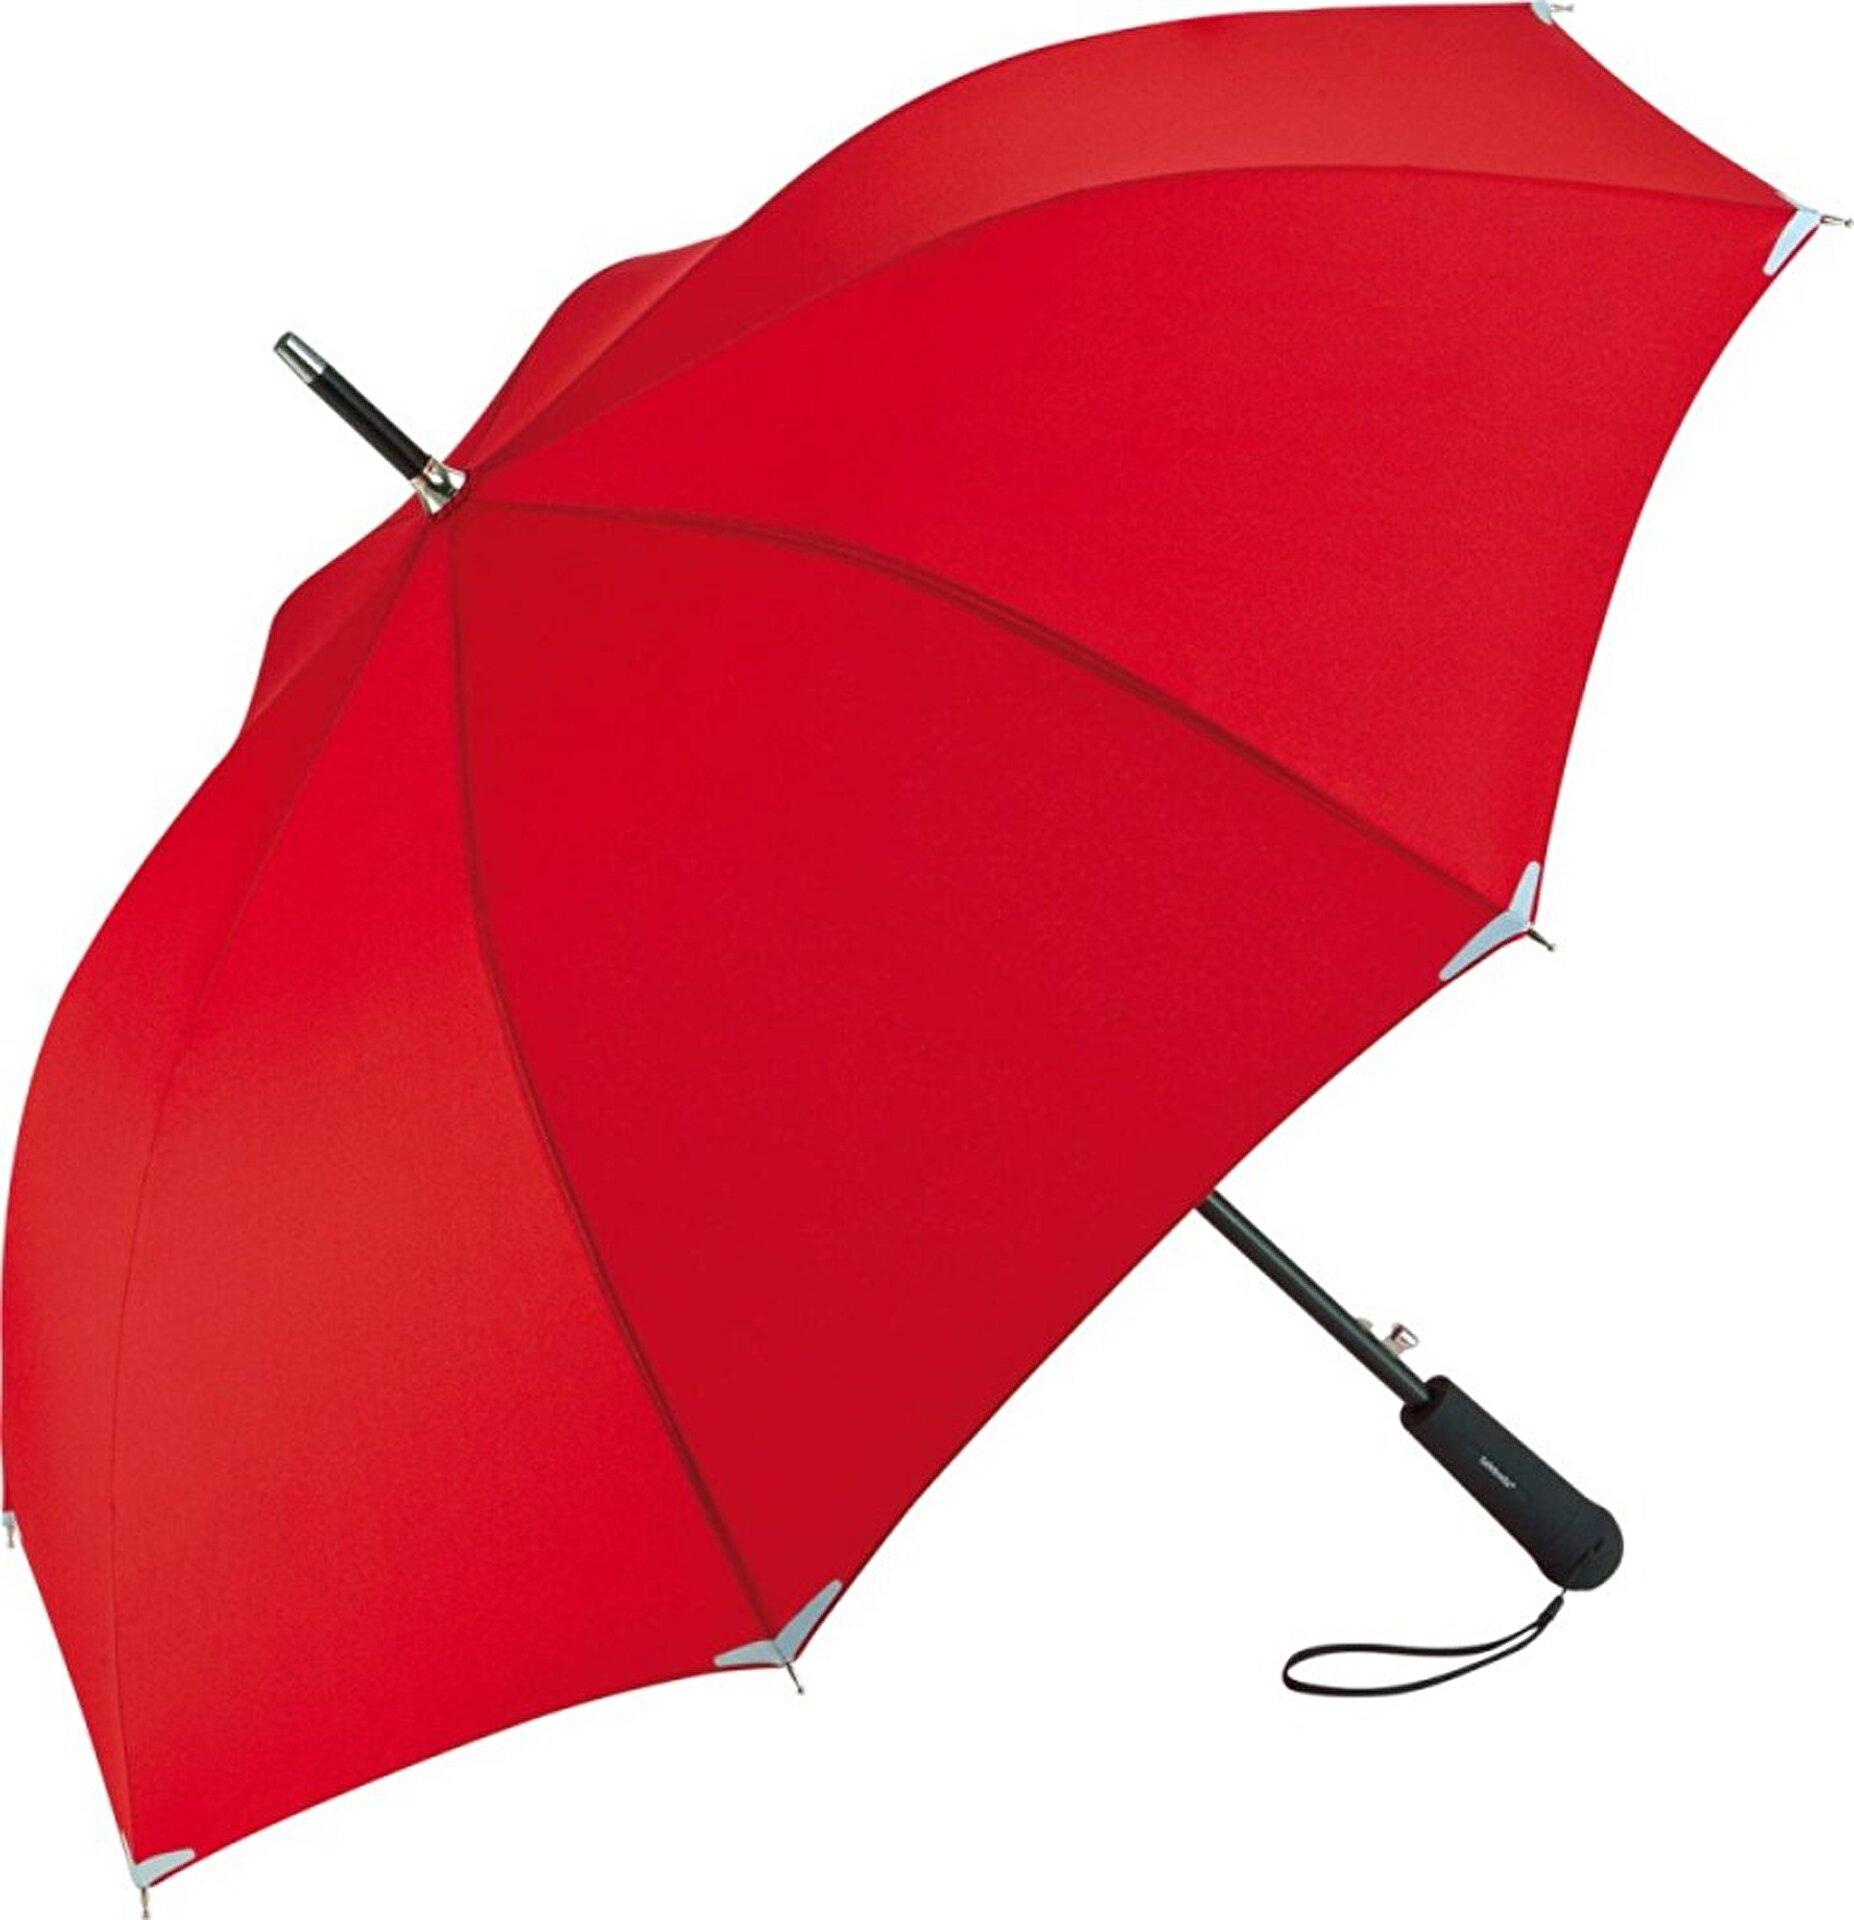 Picture of Fare 7571 Safebrella® Led Işıklı Otomatik Şemsiye